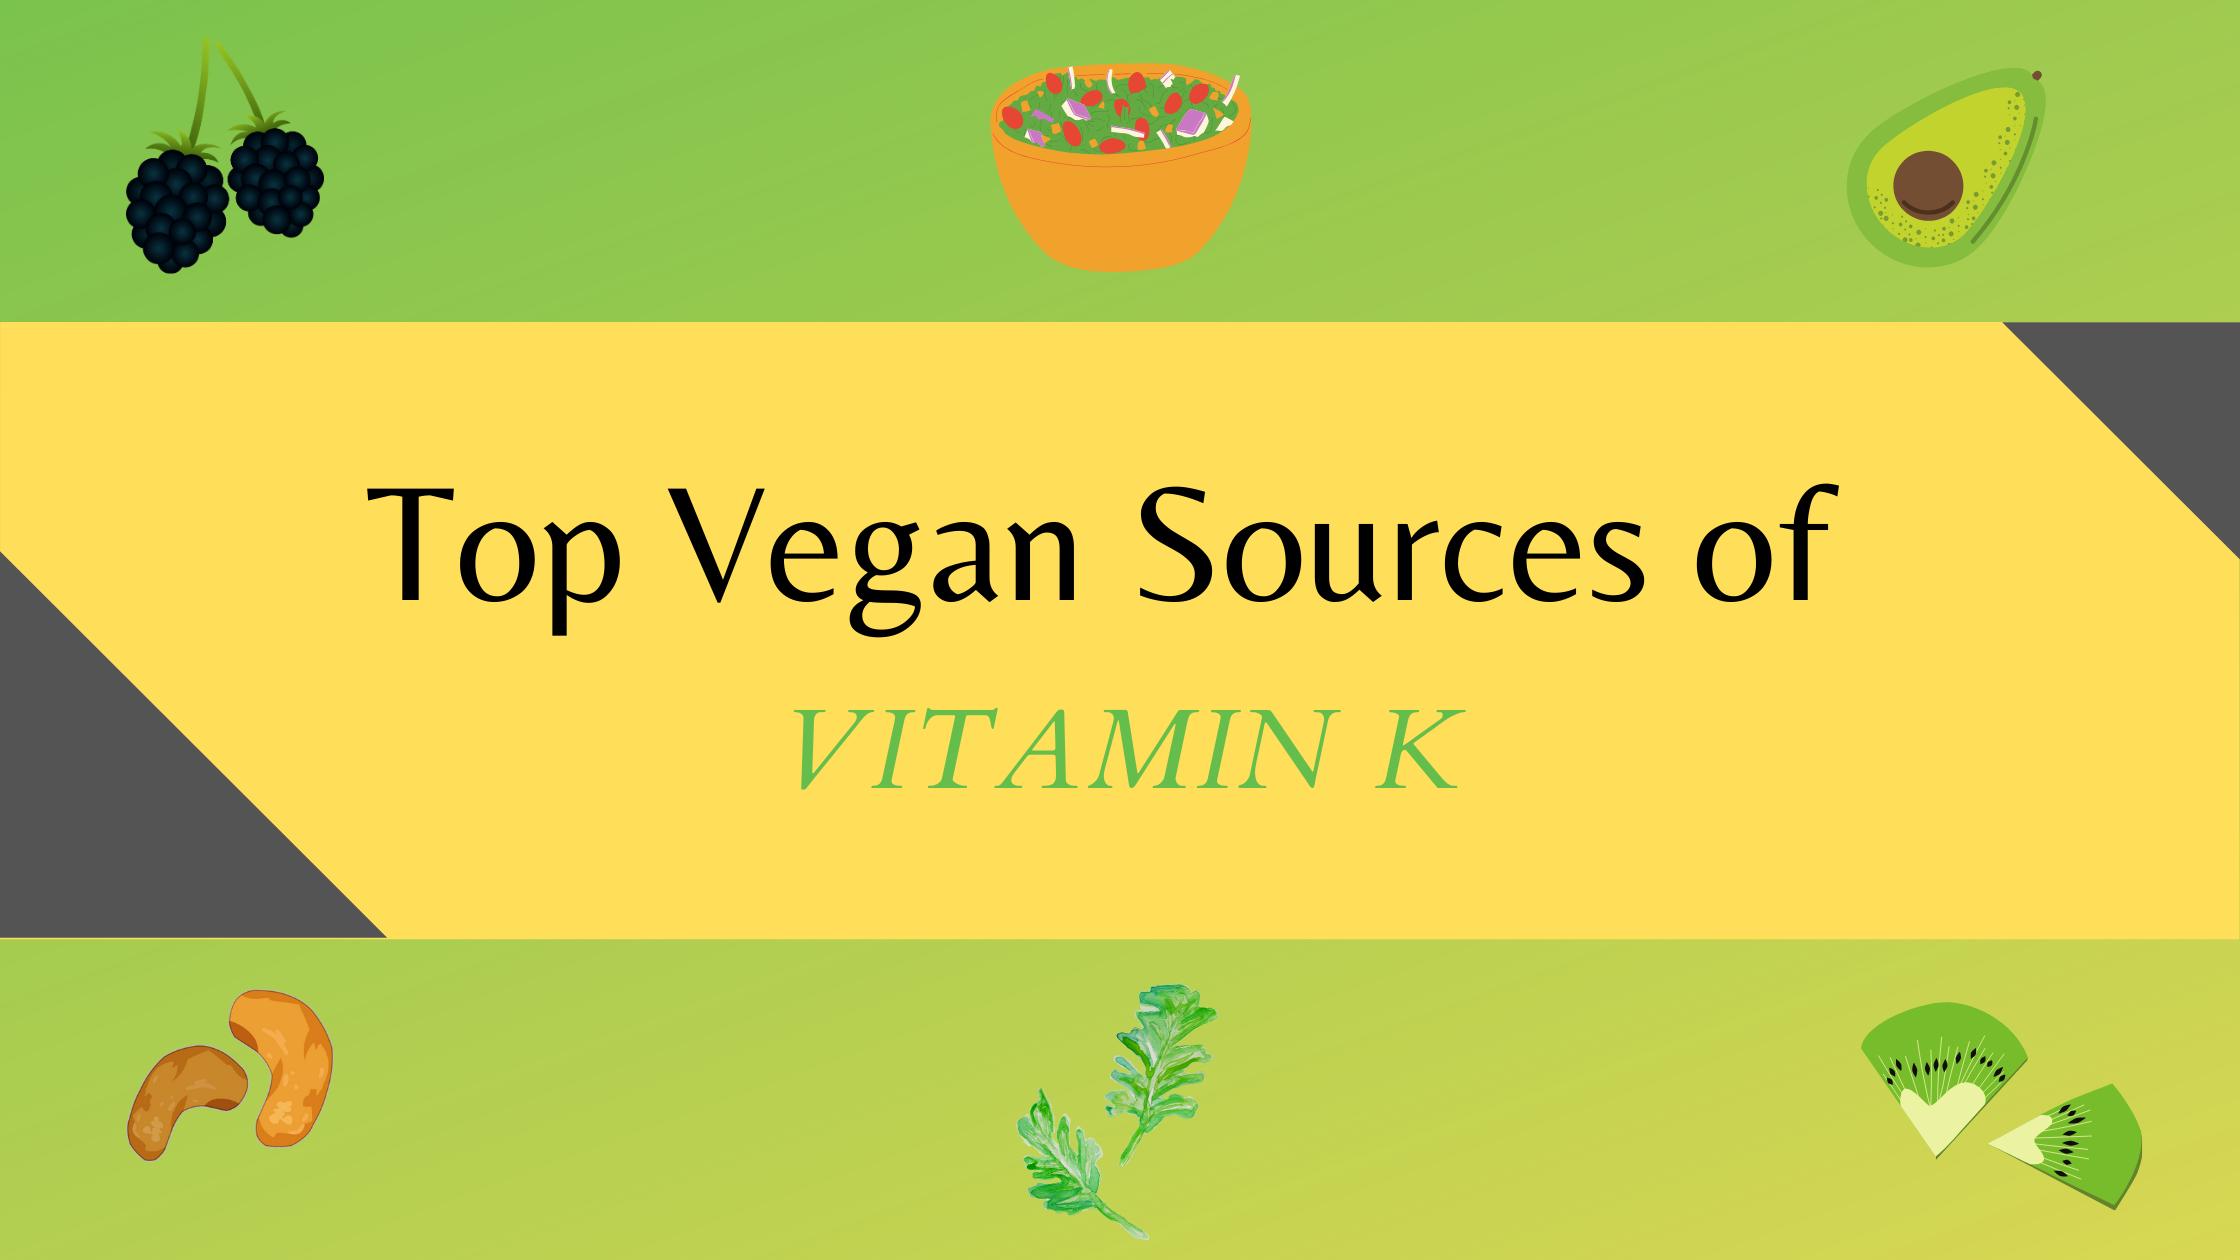 vitamin k rich vegan food sources